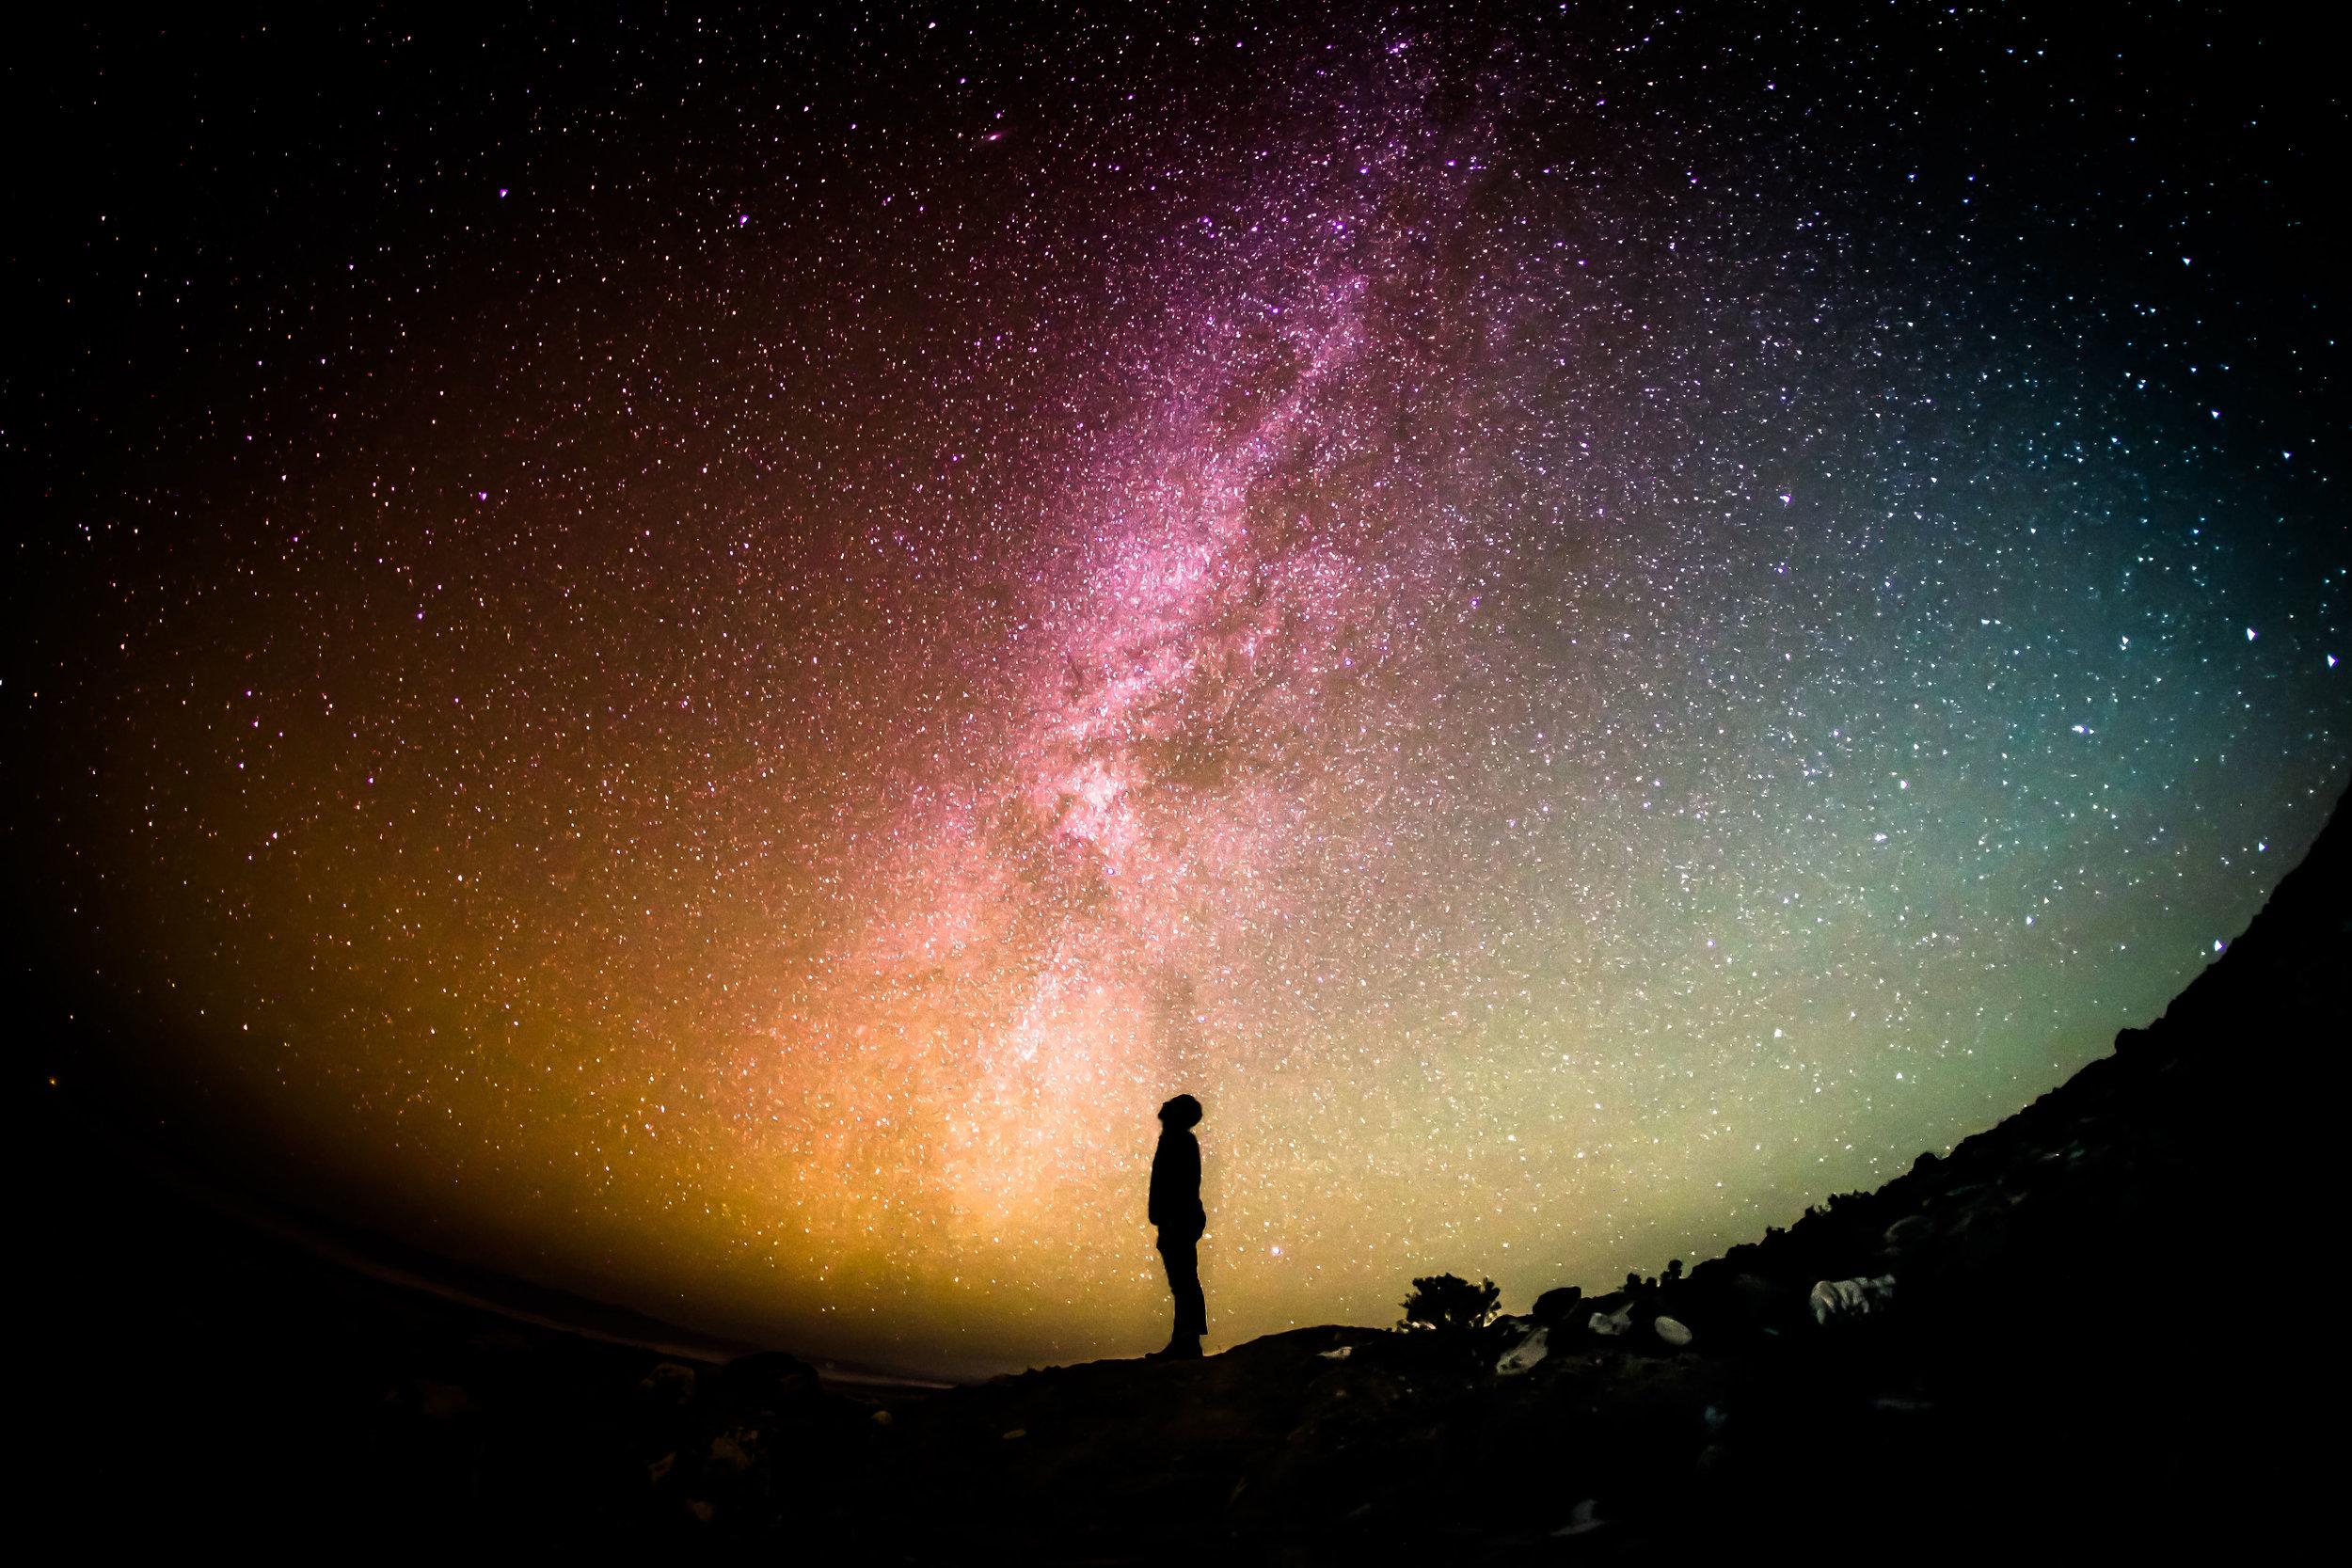 - Snart är det dags för gratis spirituell vägledning